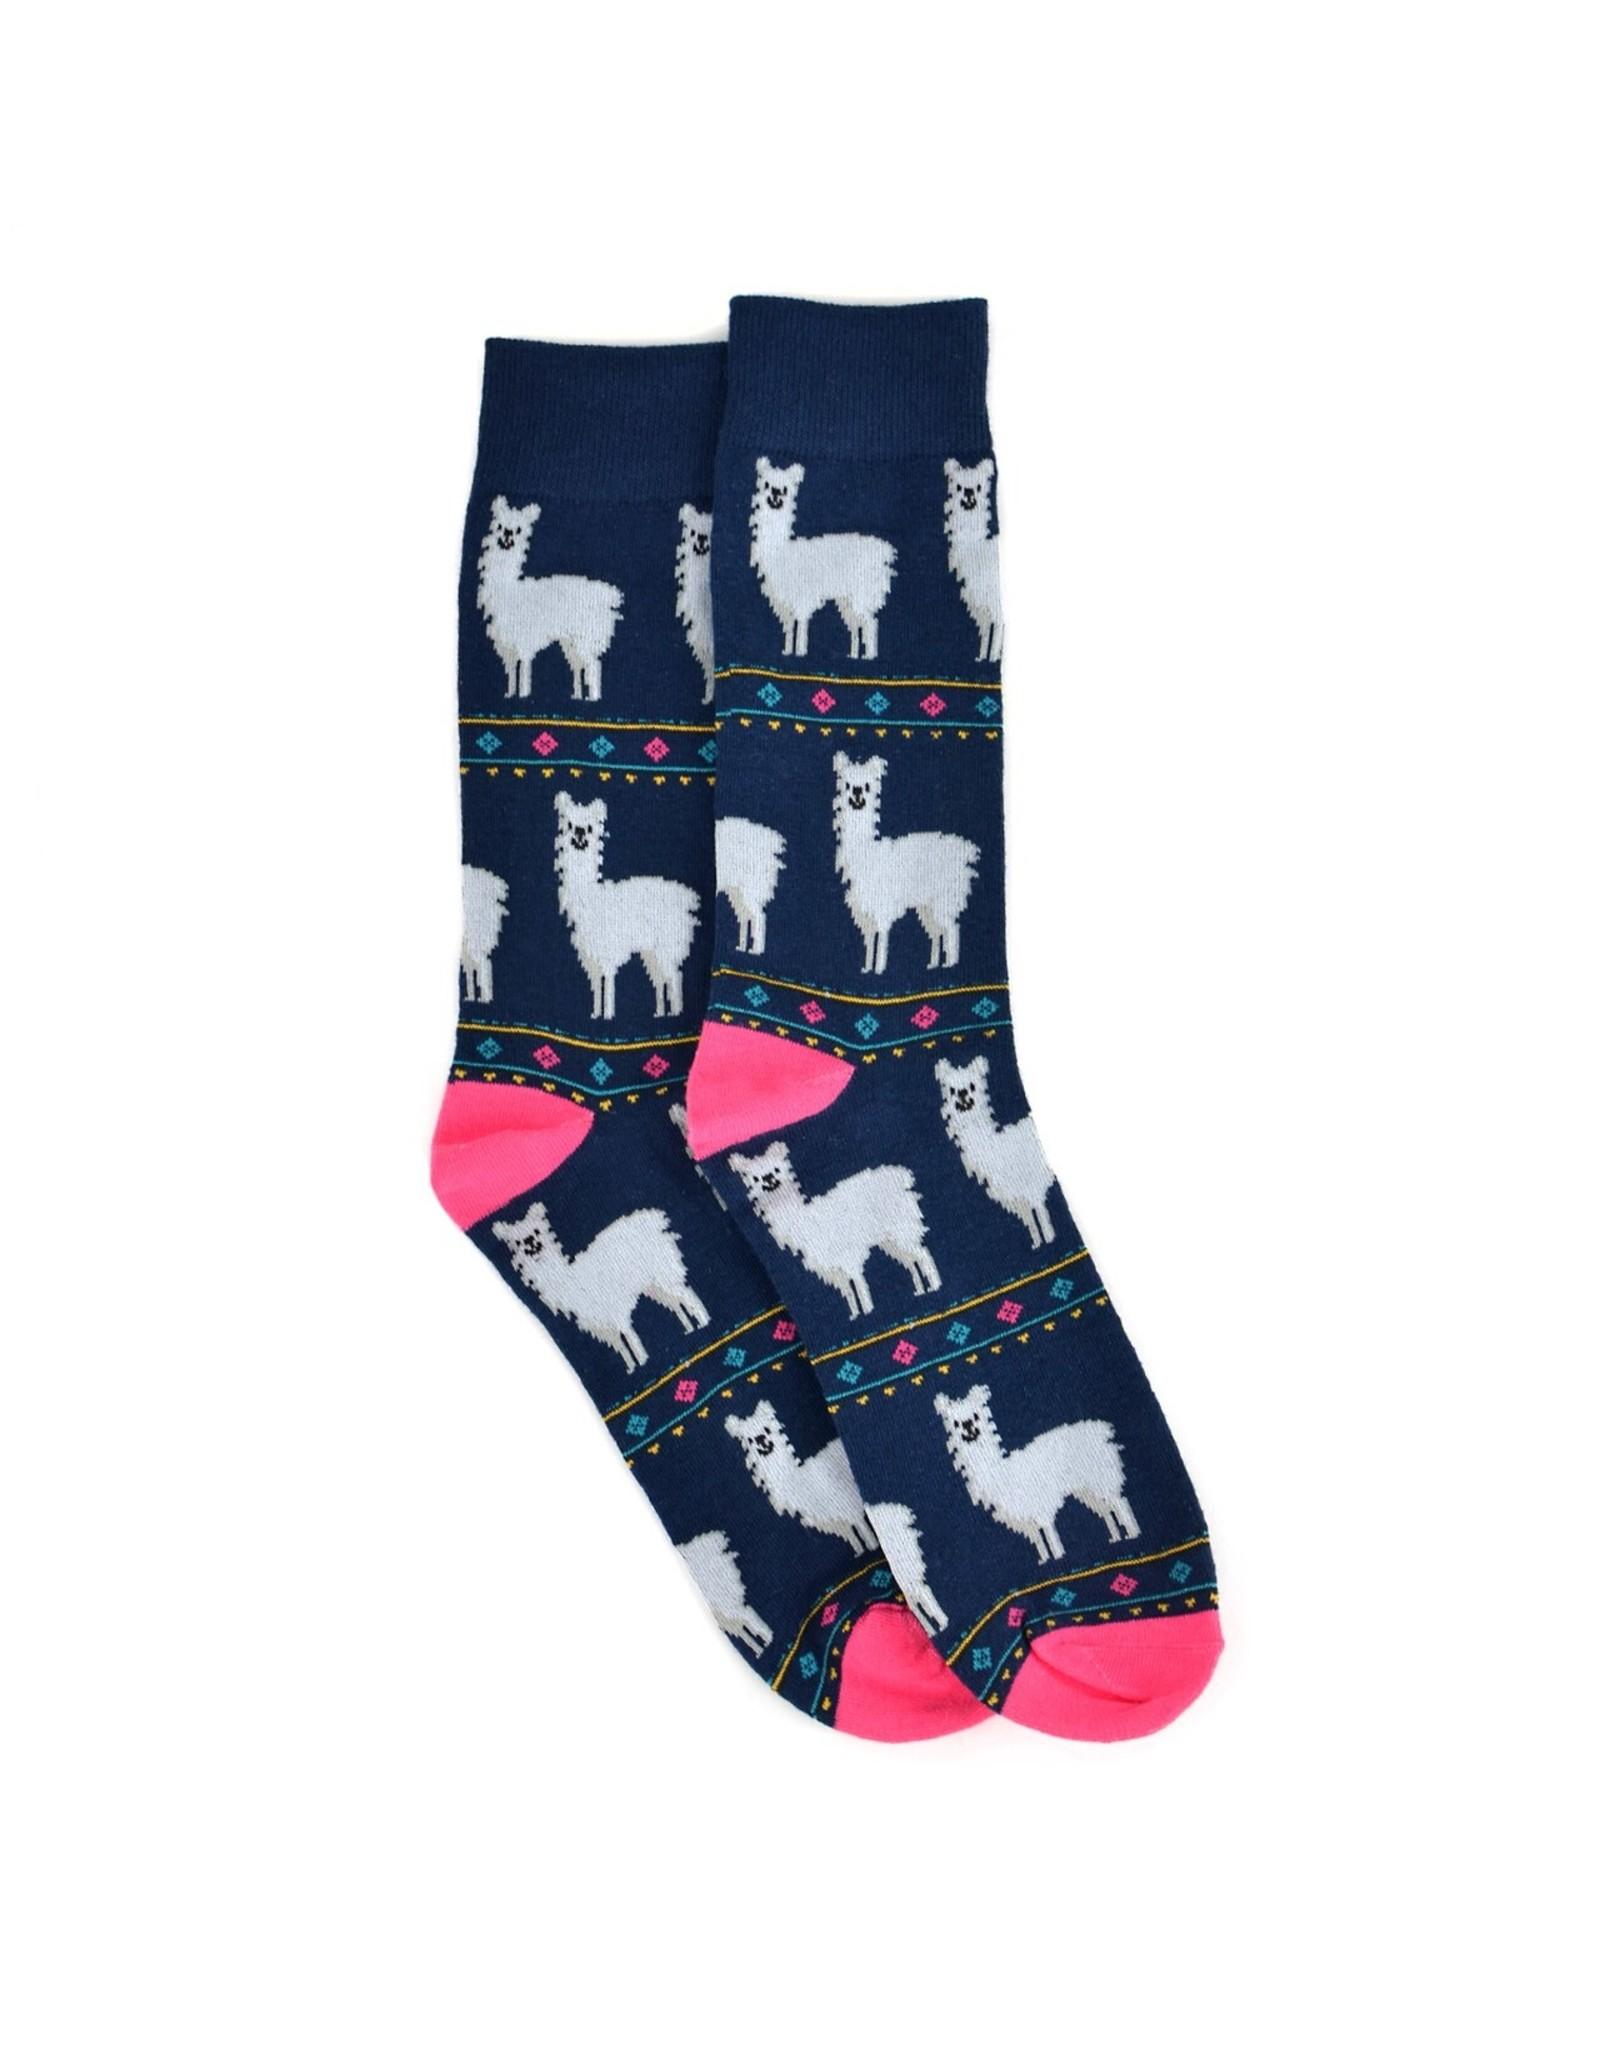 Selini New York Alpaca Men's Socks-Navy